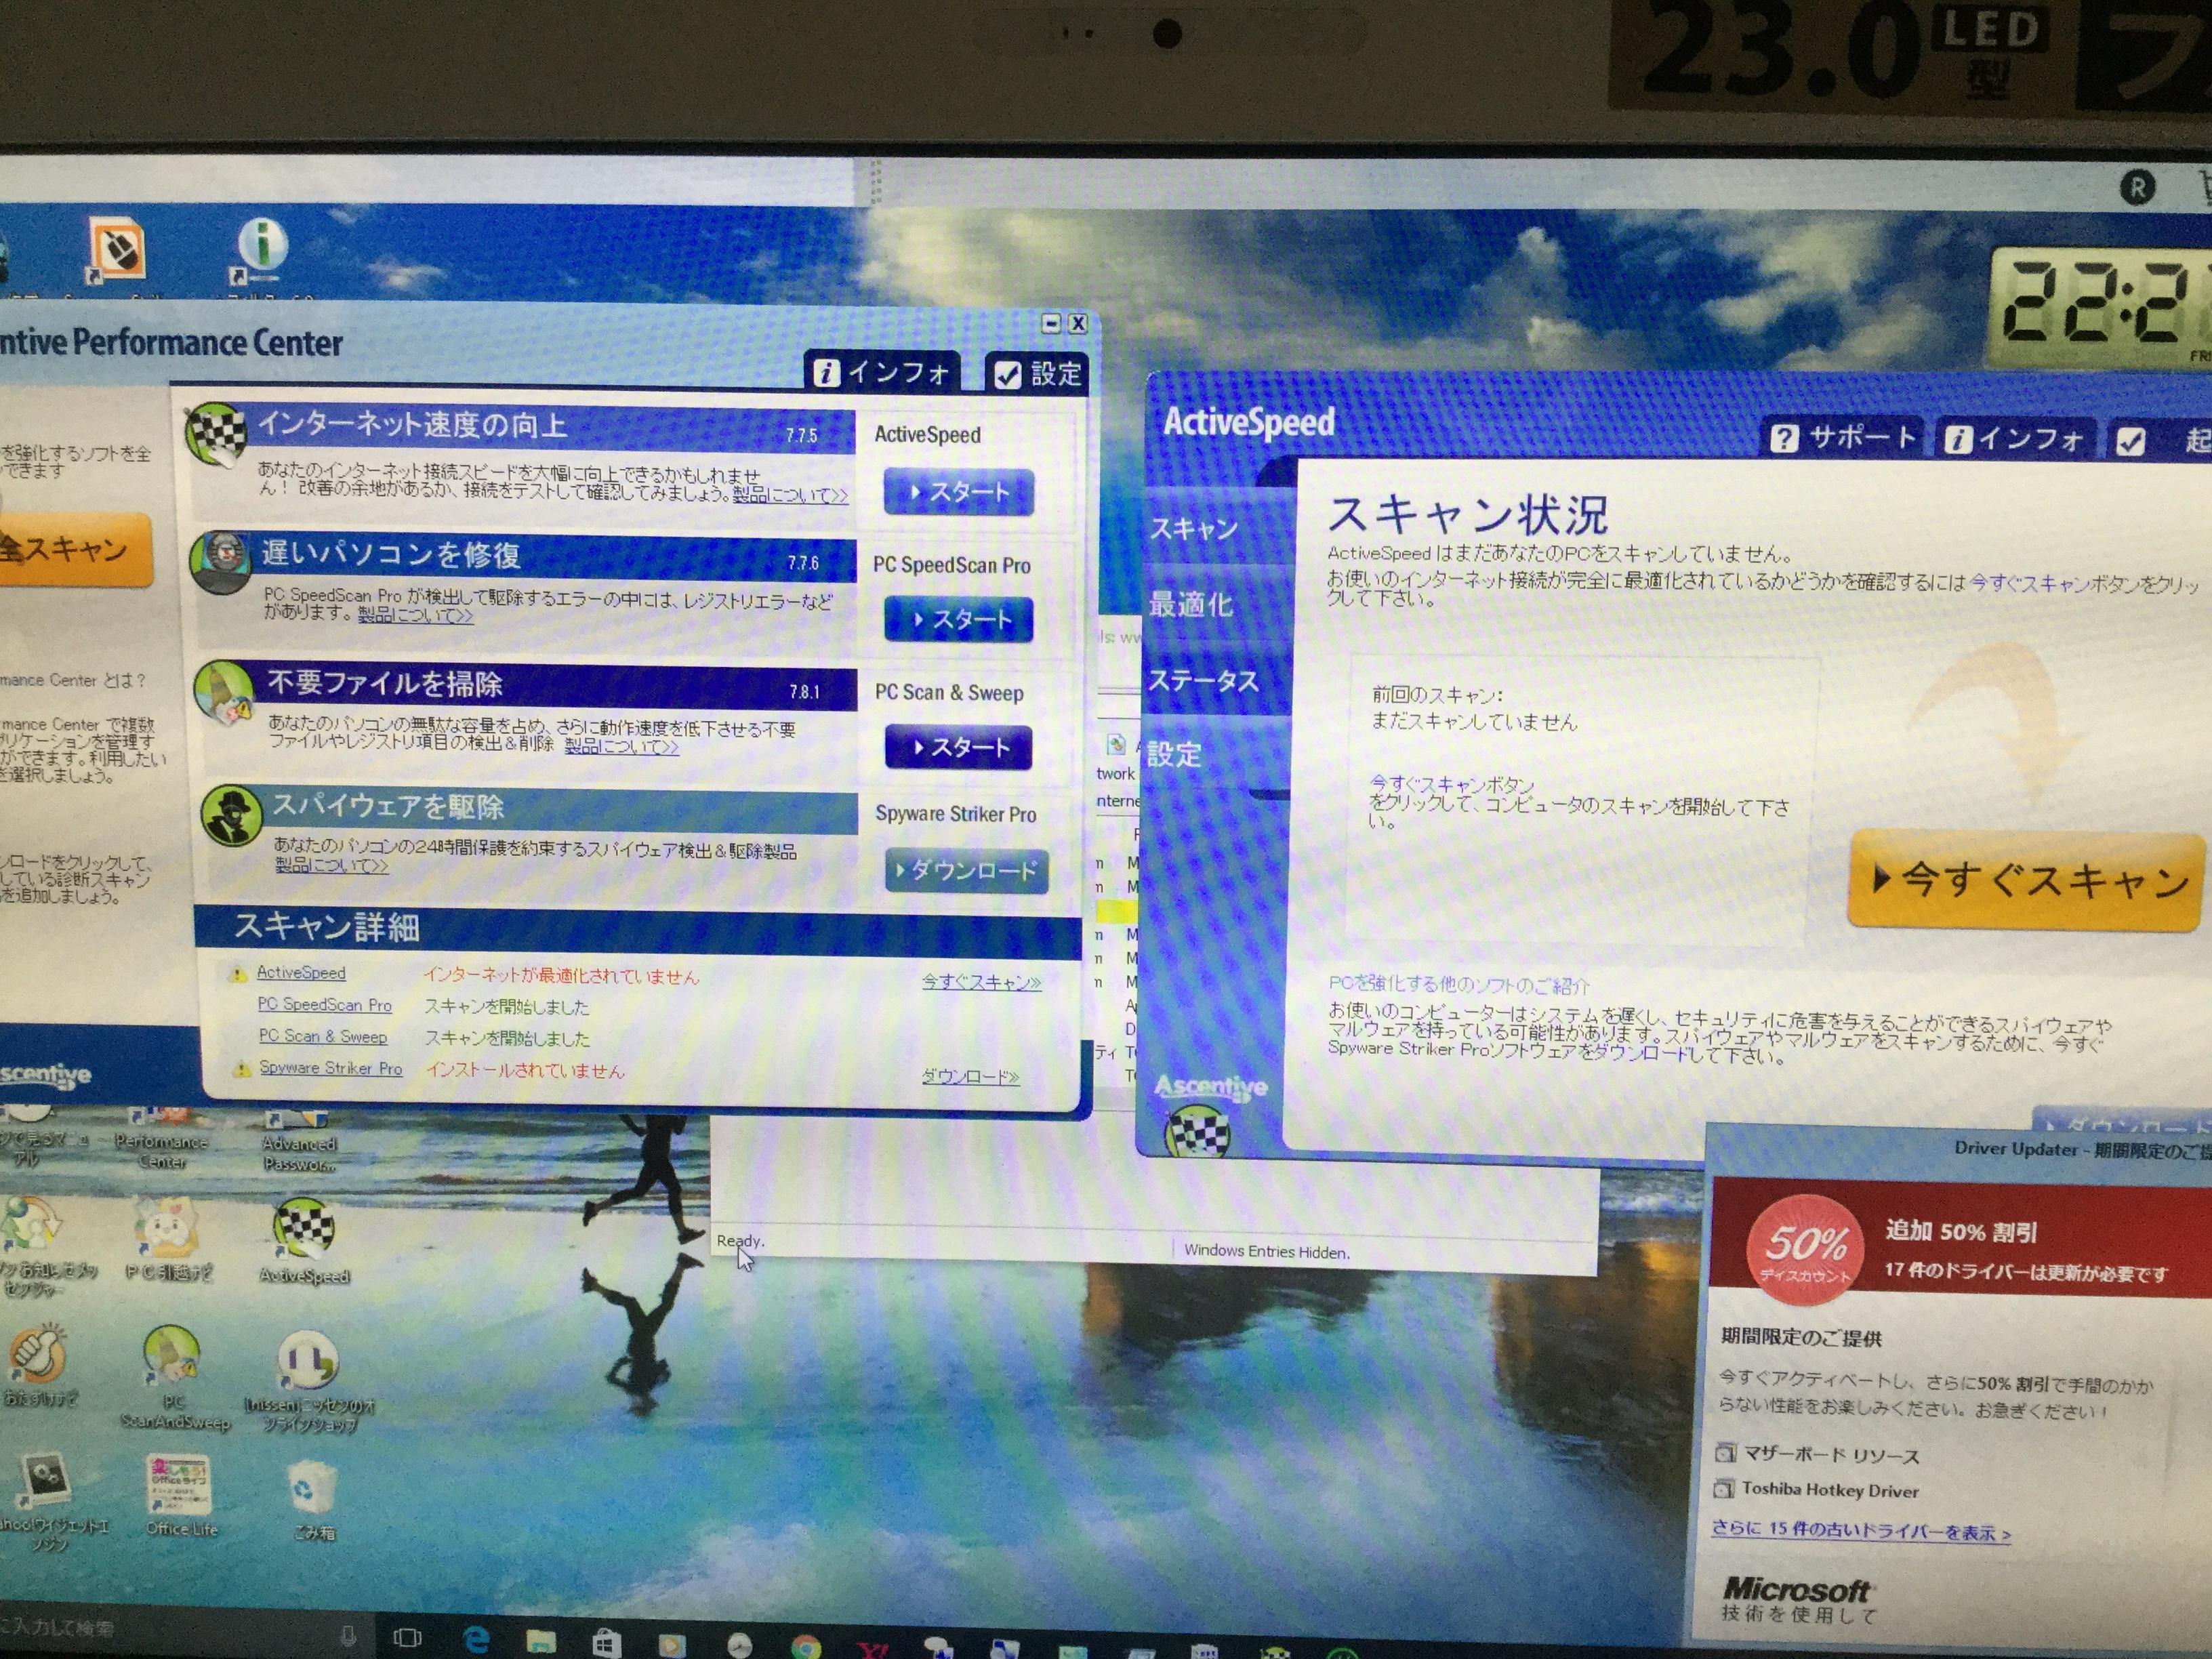 広島県広島市 デスクトップパソコンでパスワードが入力できない/東芝 Windows 10のイメージ